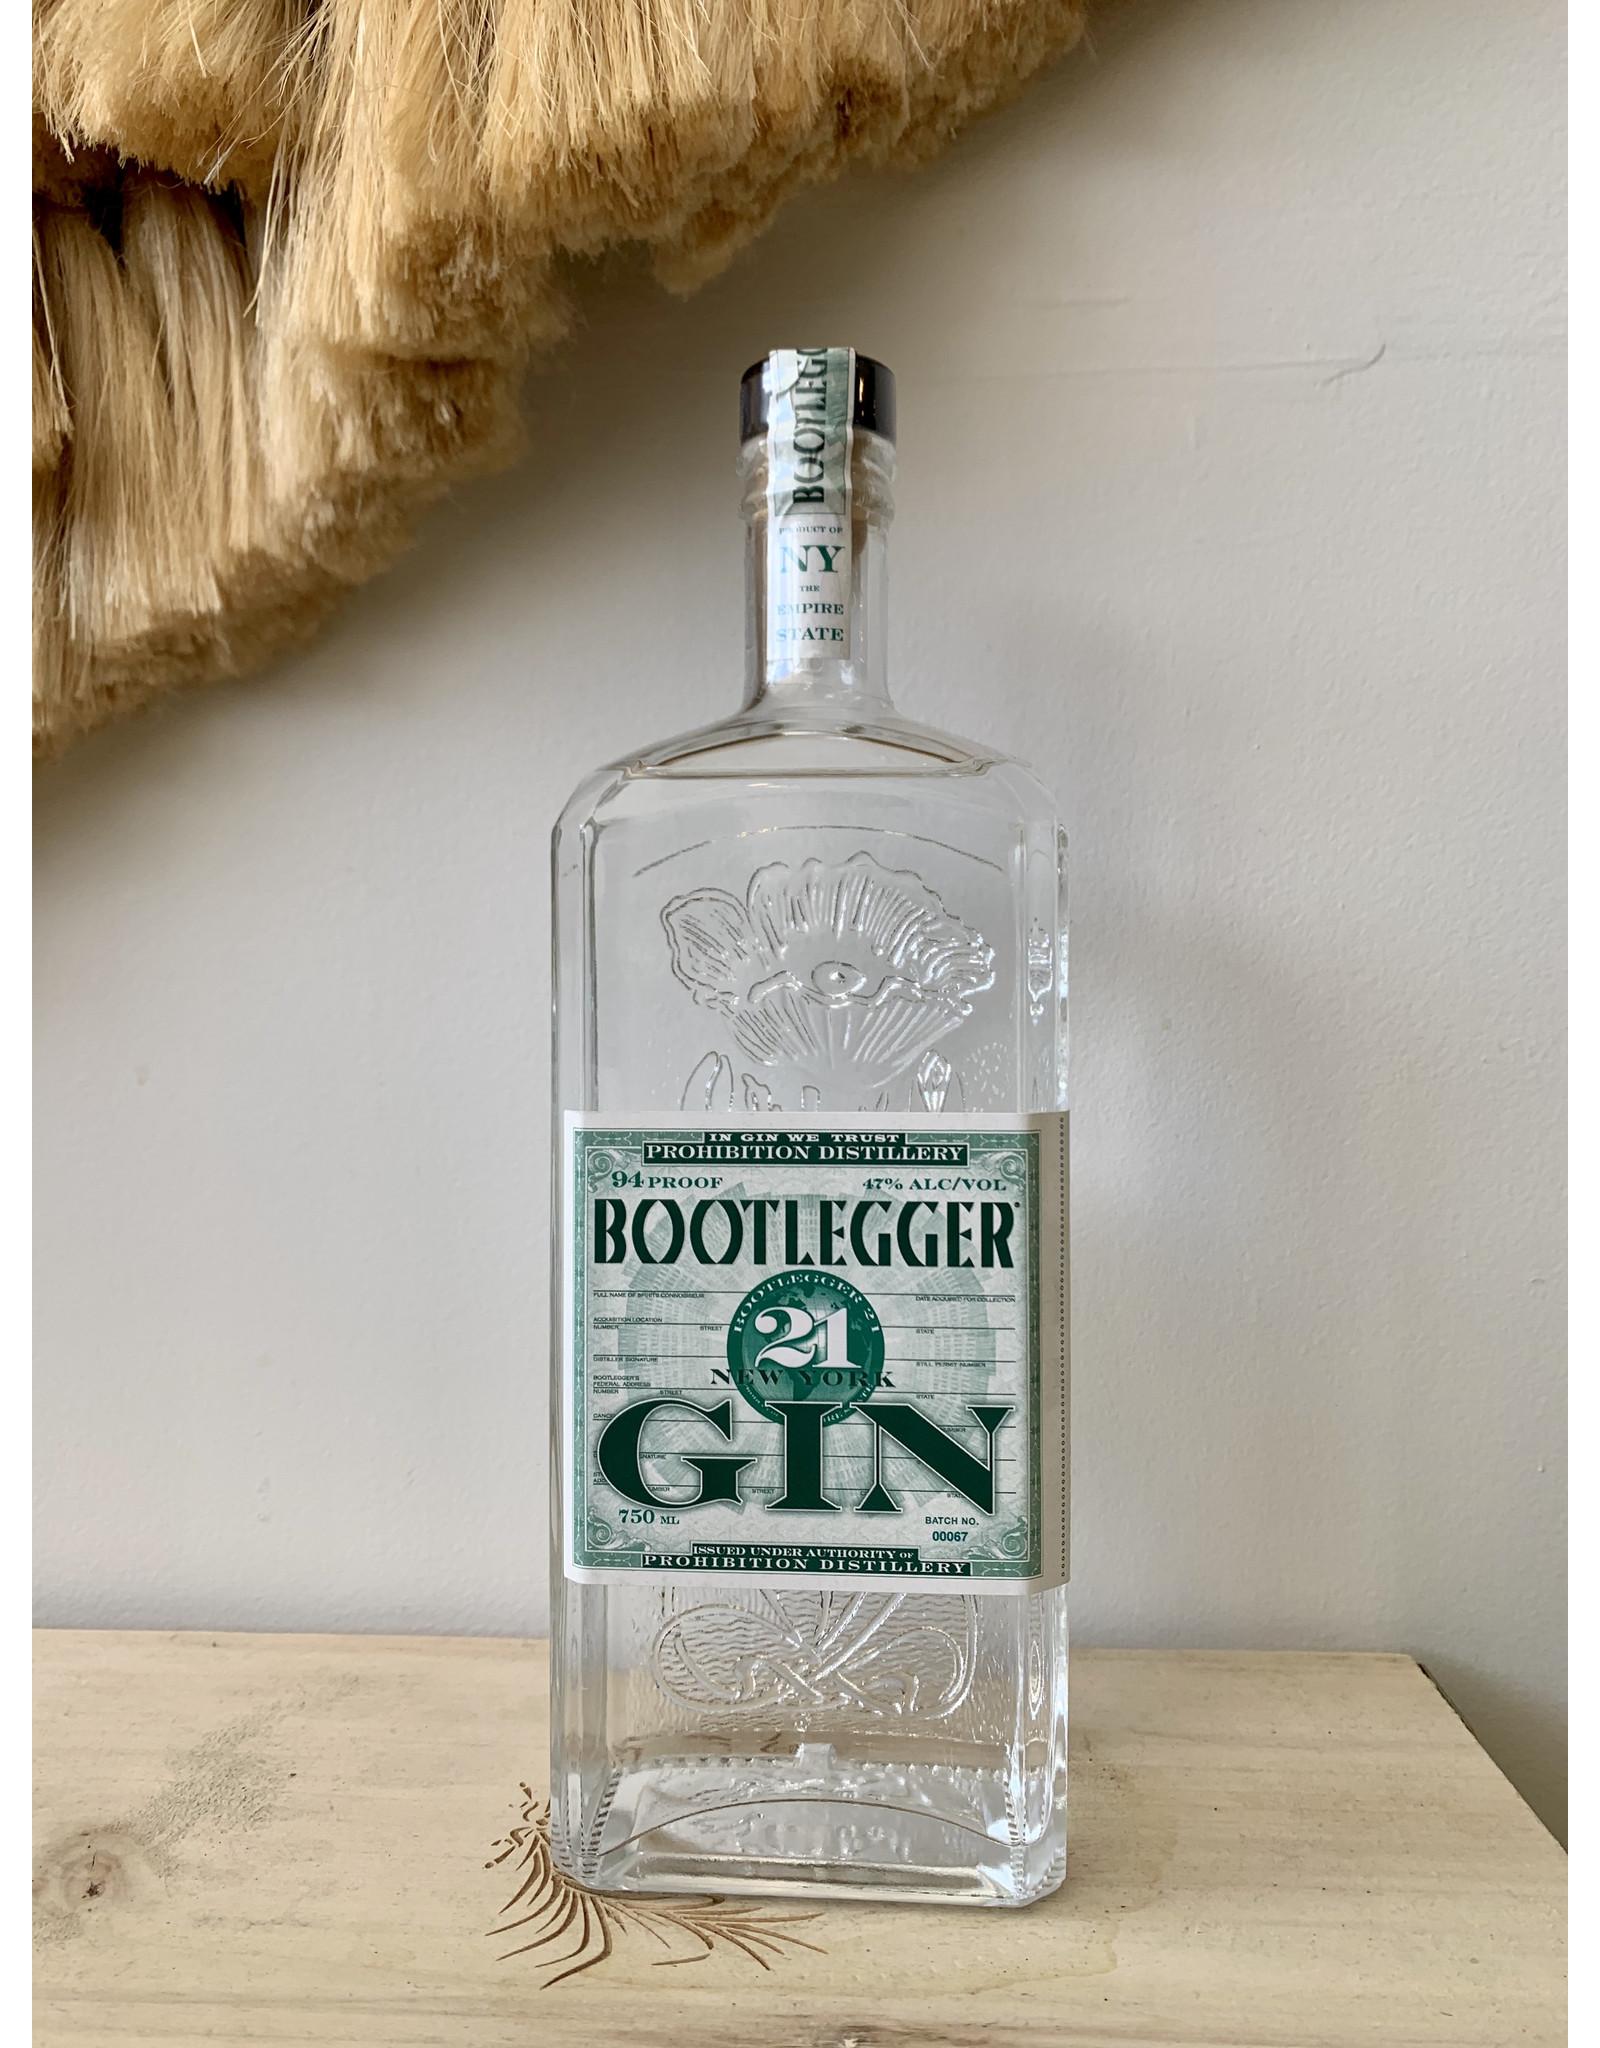 Prohibition Distillery Bootlegger 21 Gin